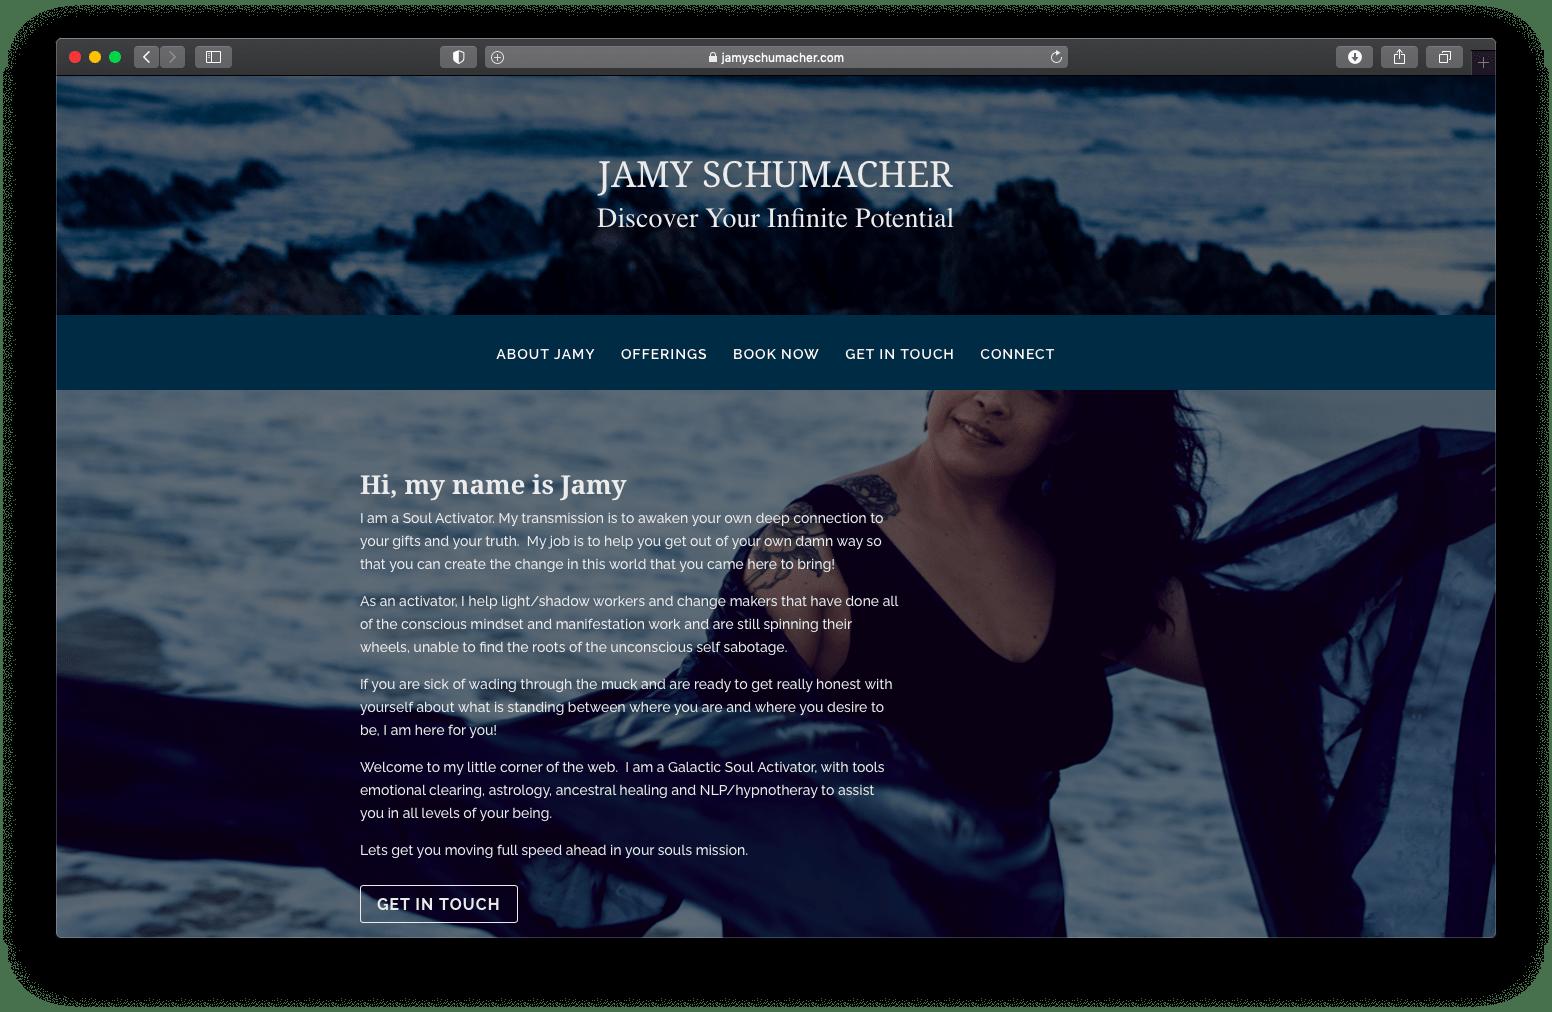 Jamy Schumacher